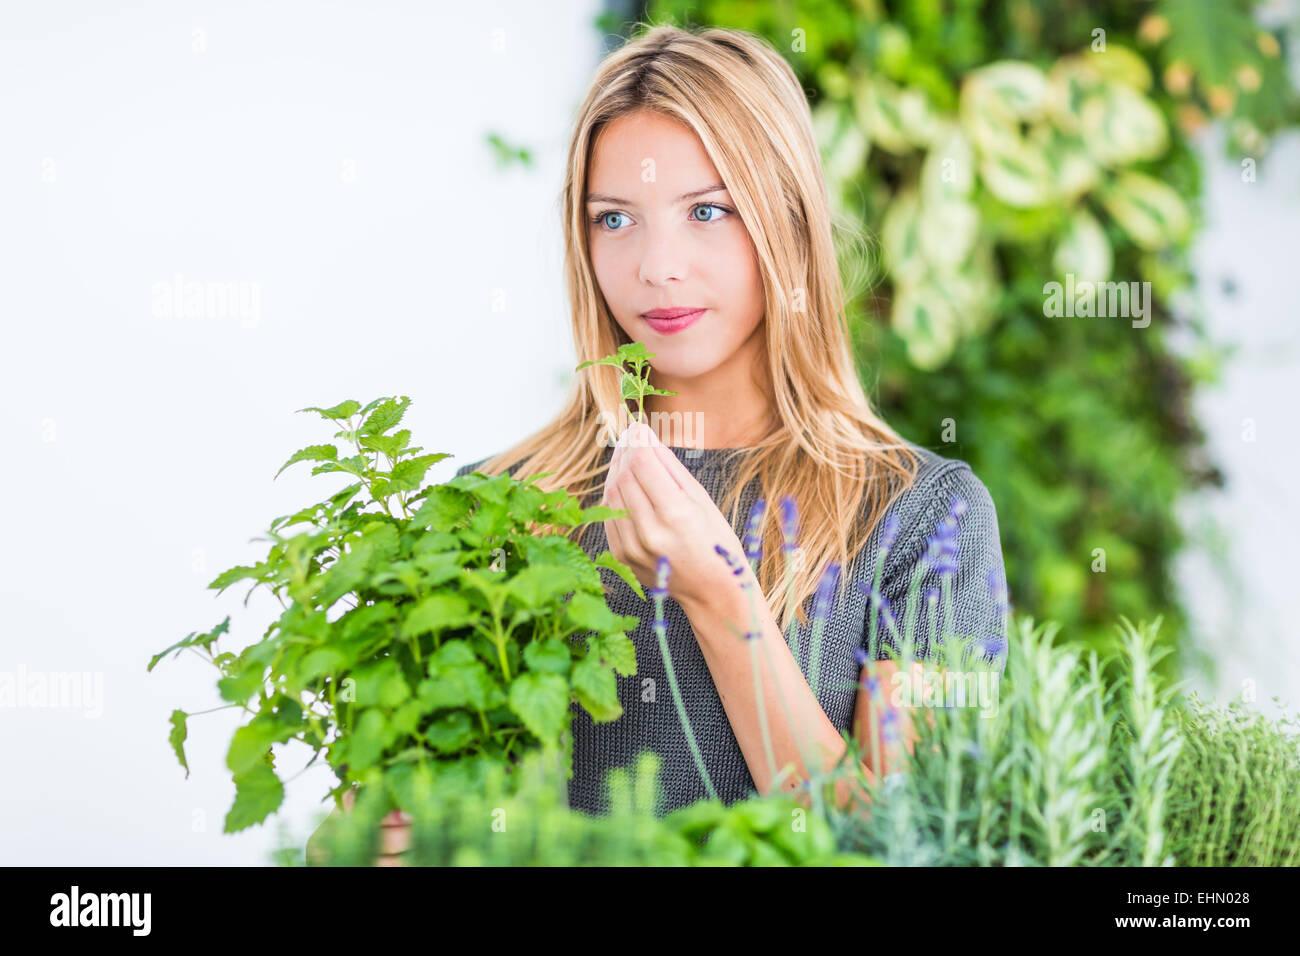 Woman inhaling lemon balm fragrance. - Stock Image